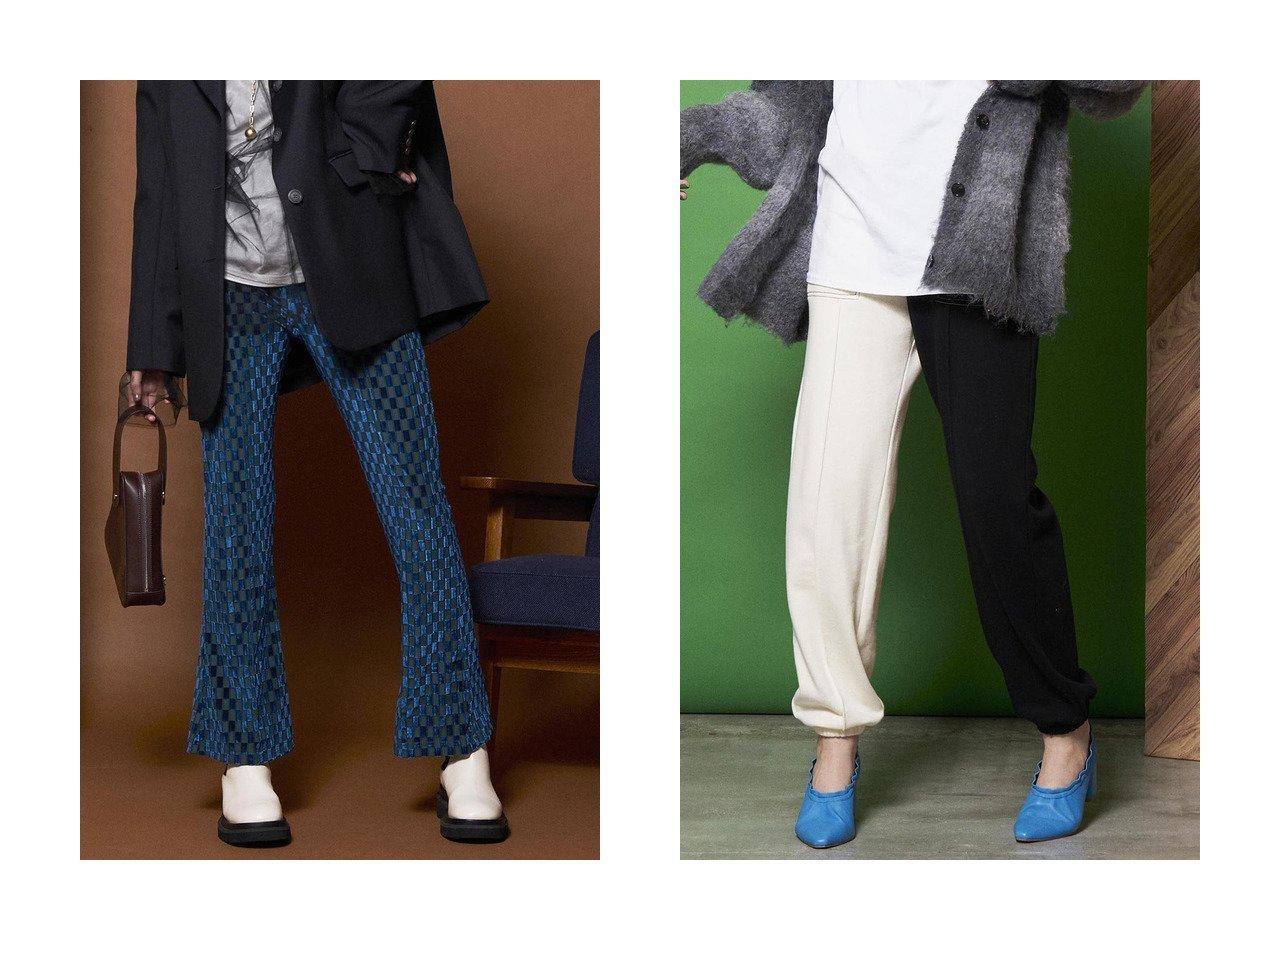 【MAISON SPECIAL/メゾンスペシャル】のソフトコットンスウェットパンツ&ベロアチェックパンツ 【パンツ】おすすめ!人気、トレンド・レディースファッションの通販   おすすめで人気の流行・トレンド、ファッションの通販商品 インテリア・家具・メンズファッション・キッズファッション・レディースファッション・服の通販 founy(ファニー) https://founy.com/ ファッション Fashion レディースファッション WOMEN パンツ Pants ジャージー ストレッチ スーツ チェック チュニック ドレープ ハンド フレア ブロック ベロア ラグジュアリー レギンス センター  ID:crp329100000066069